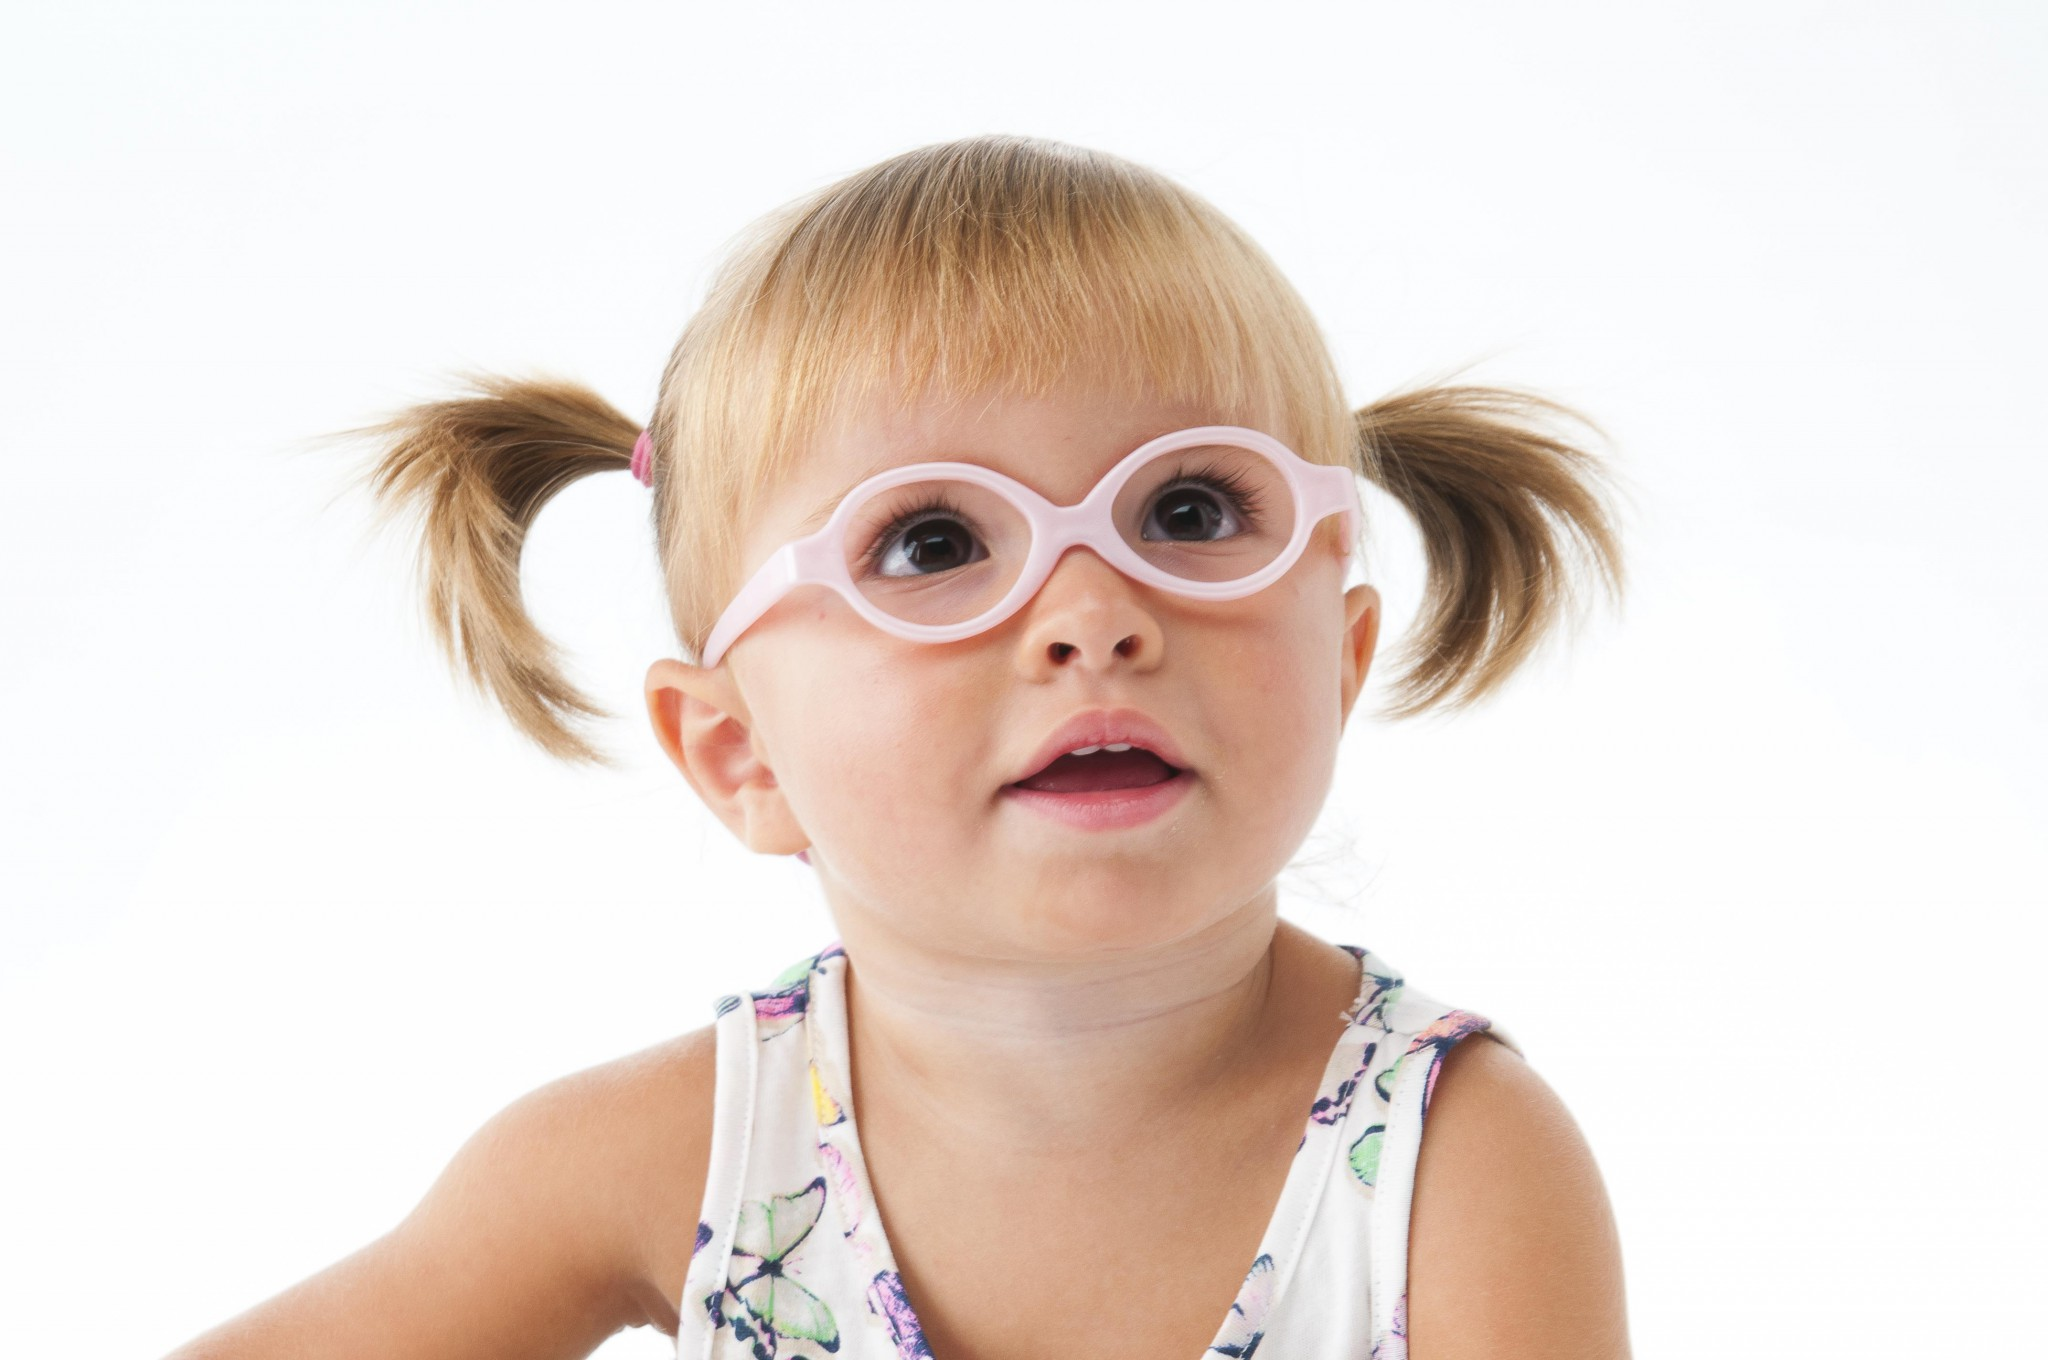 Elecció de les ulleres correctes per als nostres fills